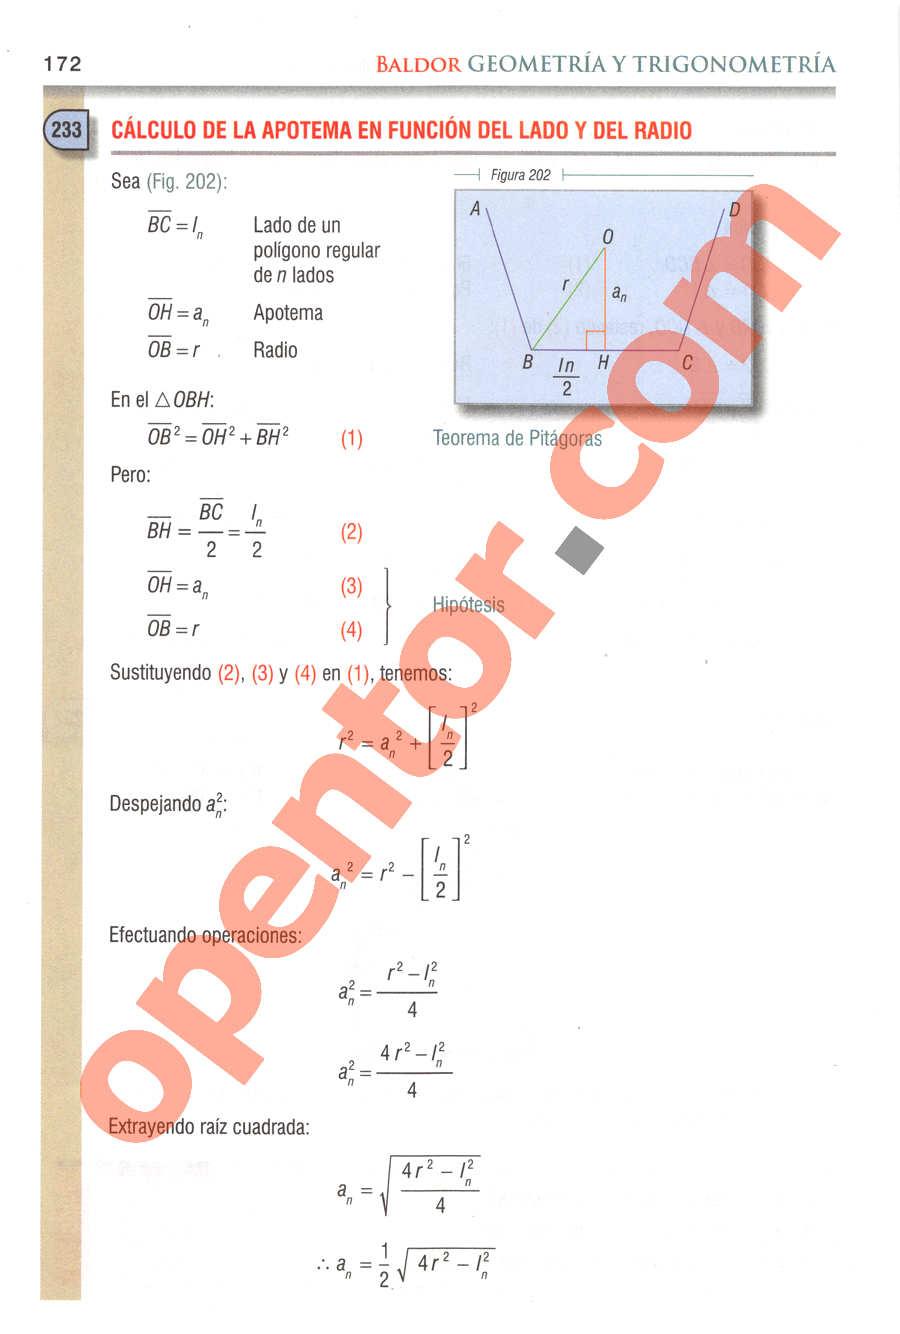 Geometría y Trigonometría de Baldor - Página 172